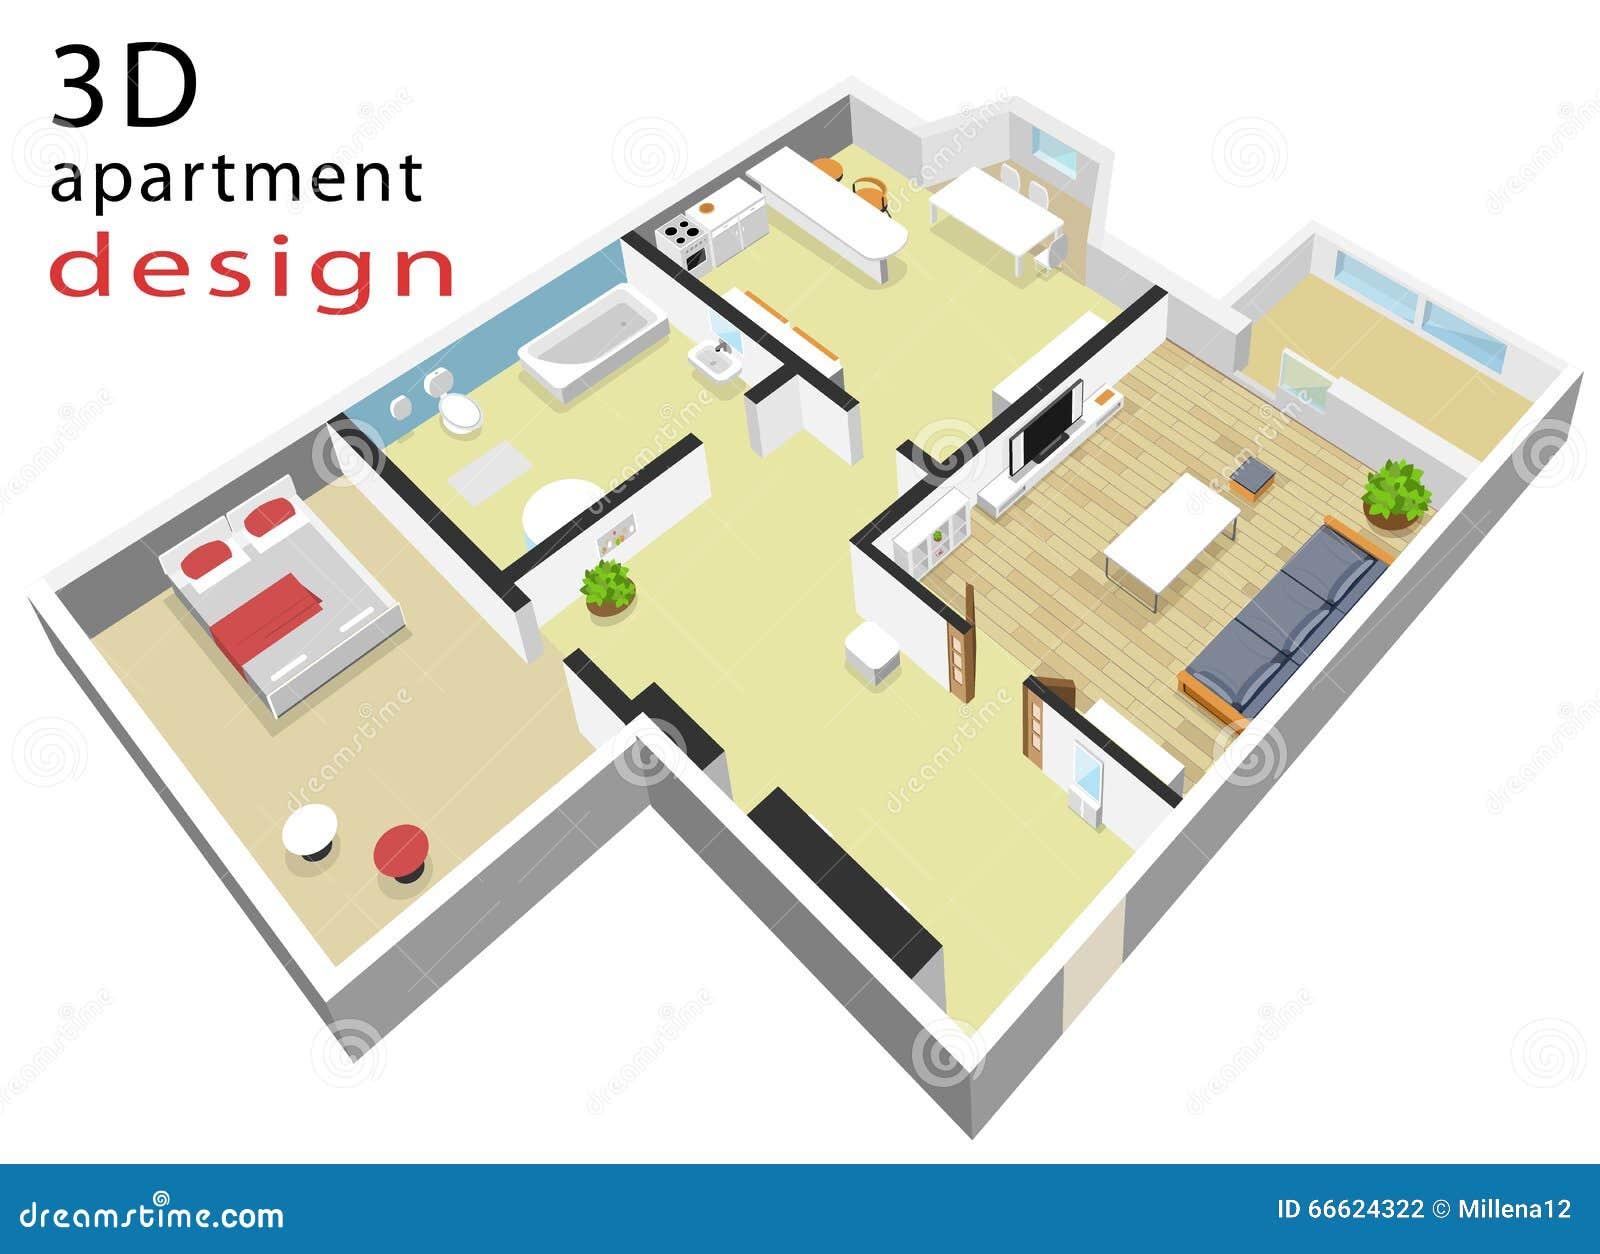 plan de l tage 3d isomtrique pour l appartement illustration de vecteur d intrieur isomtrique moderne